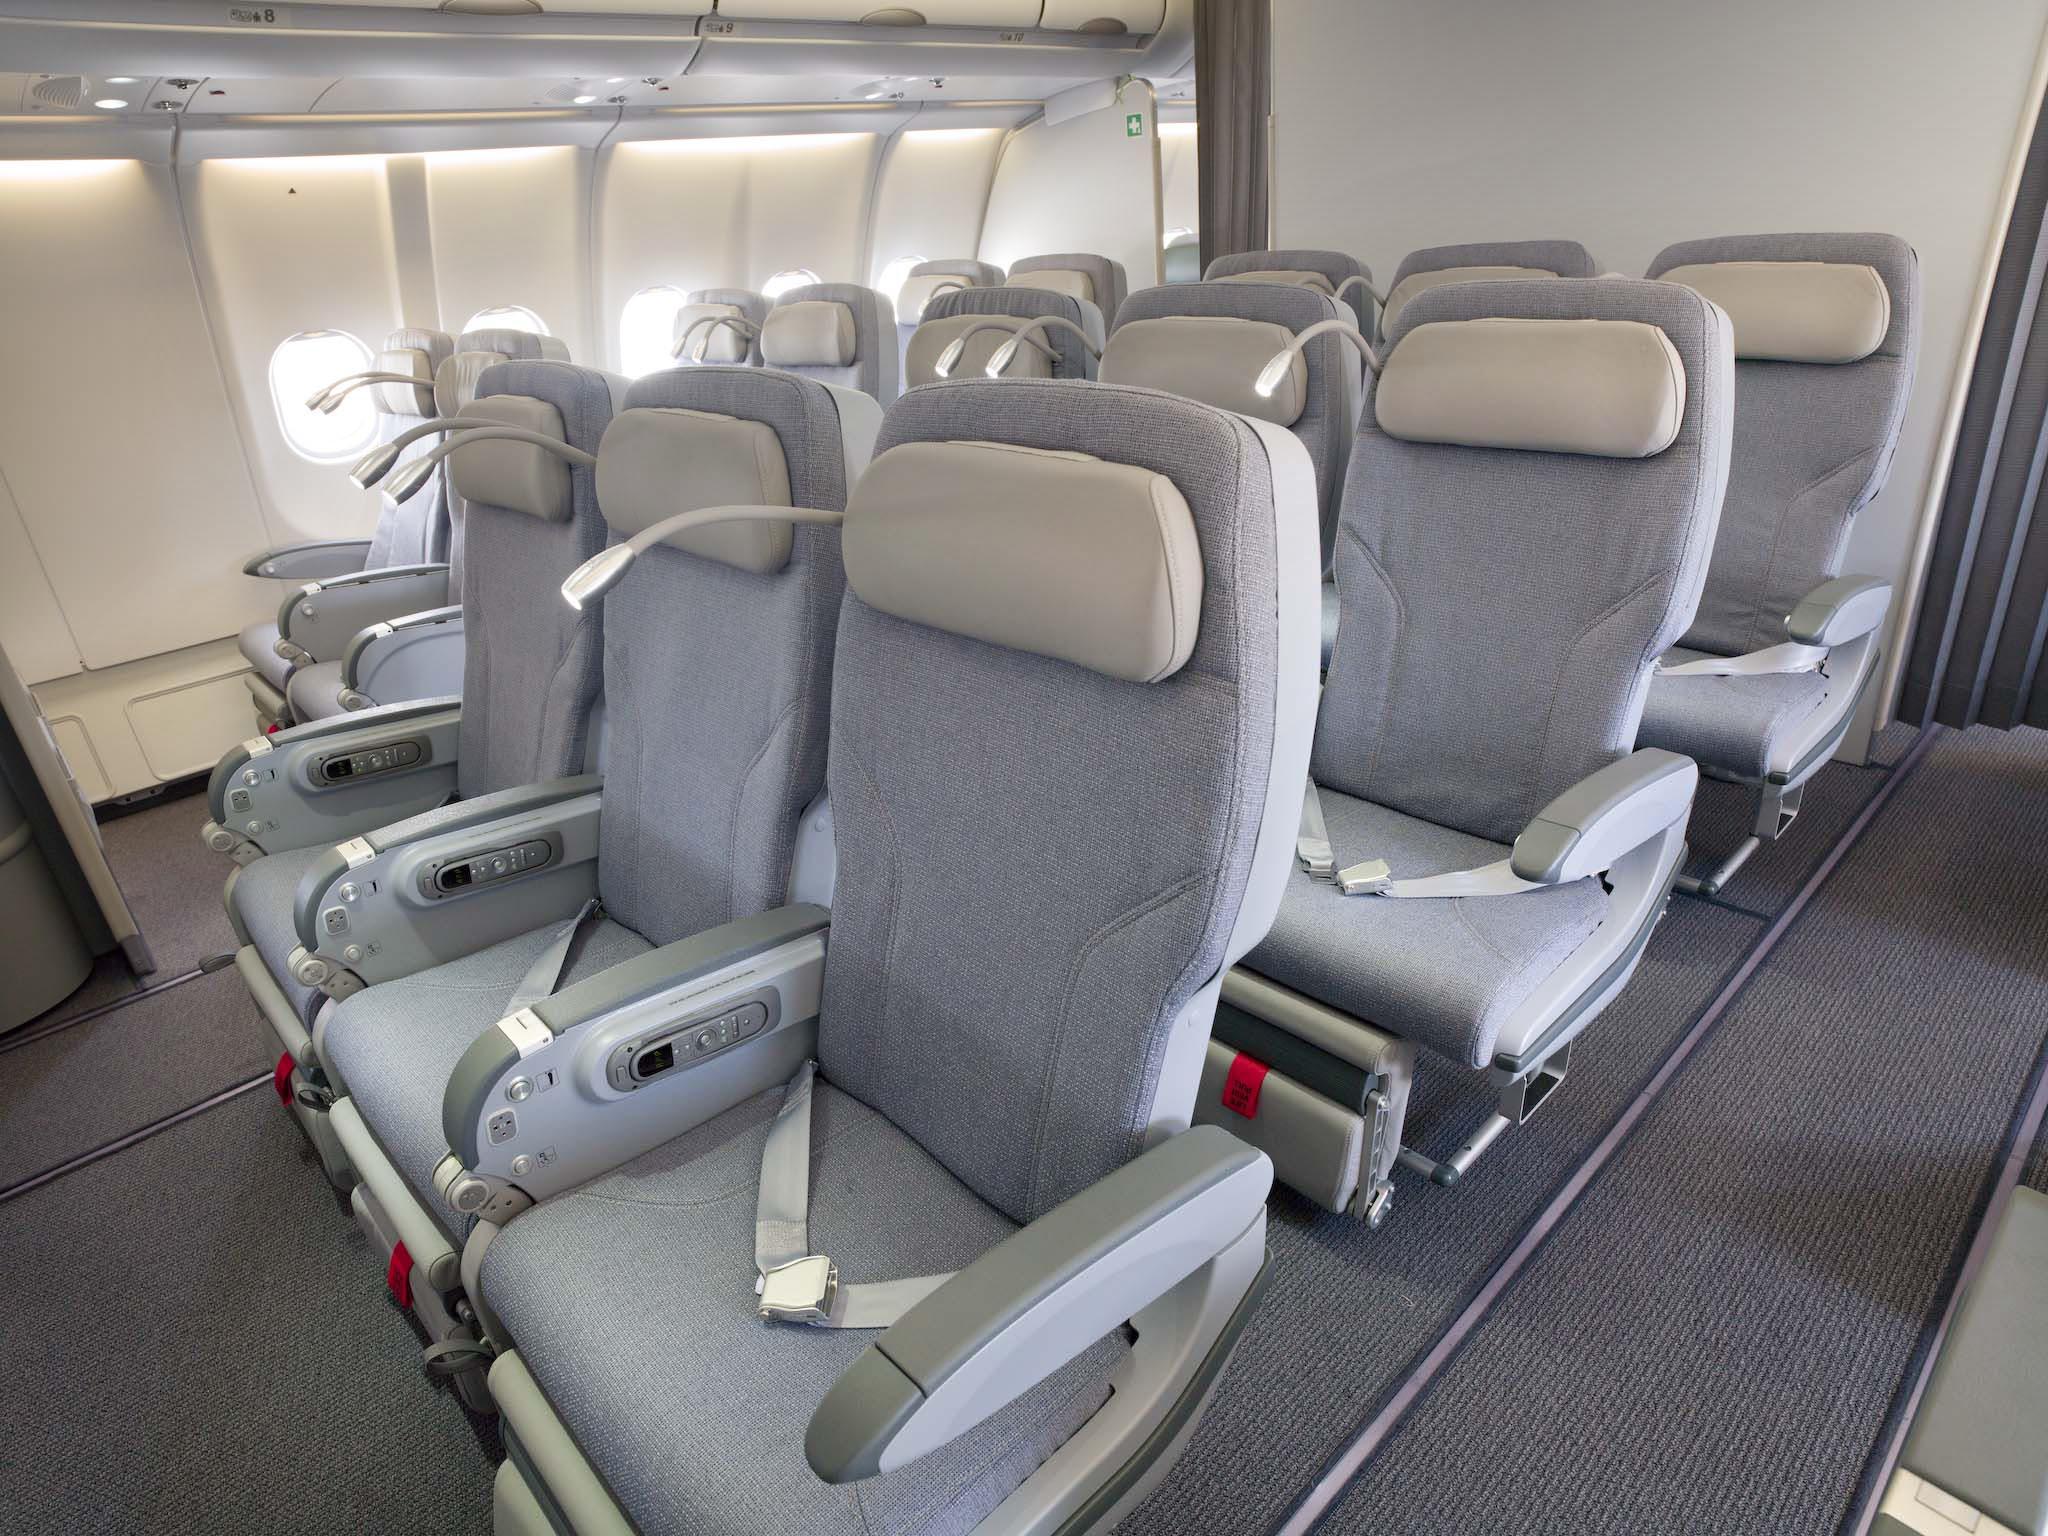 Presentato il primo airbus a330 della flotta alitalia di for Manuale per la pulizia della cabina dell aeromobile